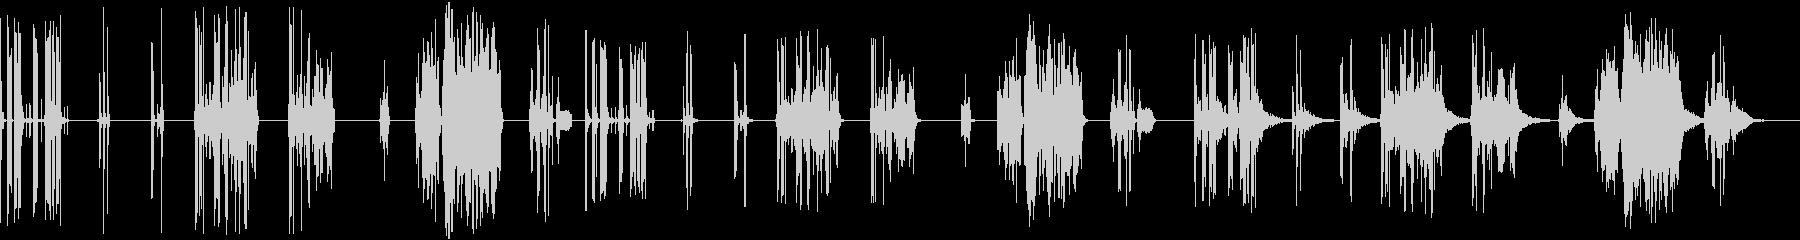 サンプル&ホールド、7バージョンX...の未再生の波形